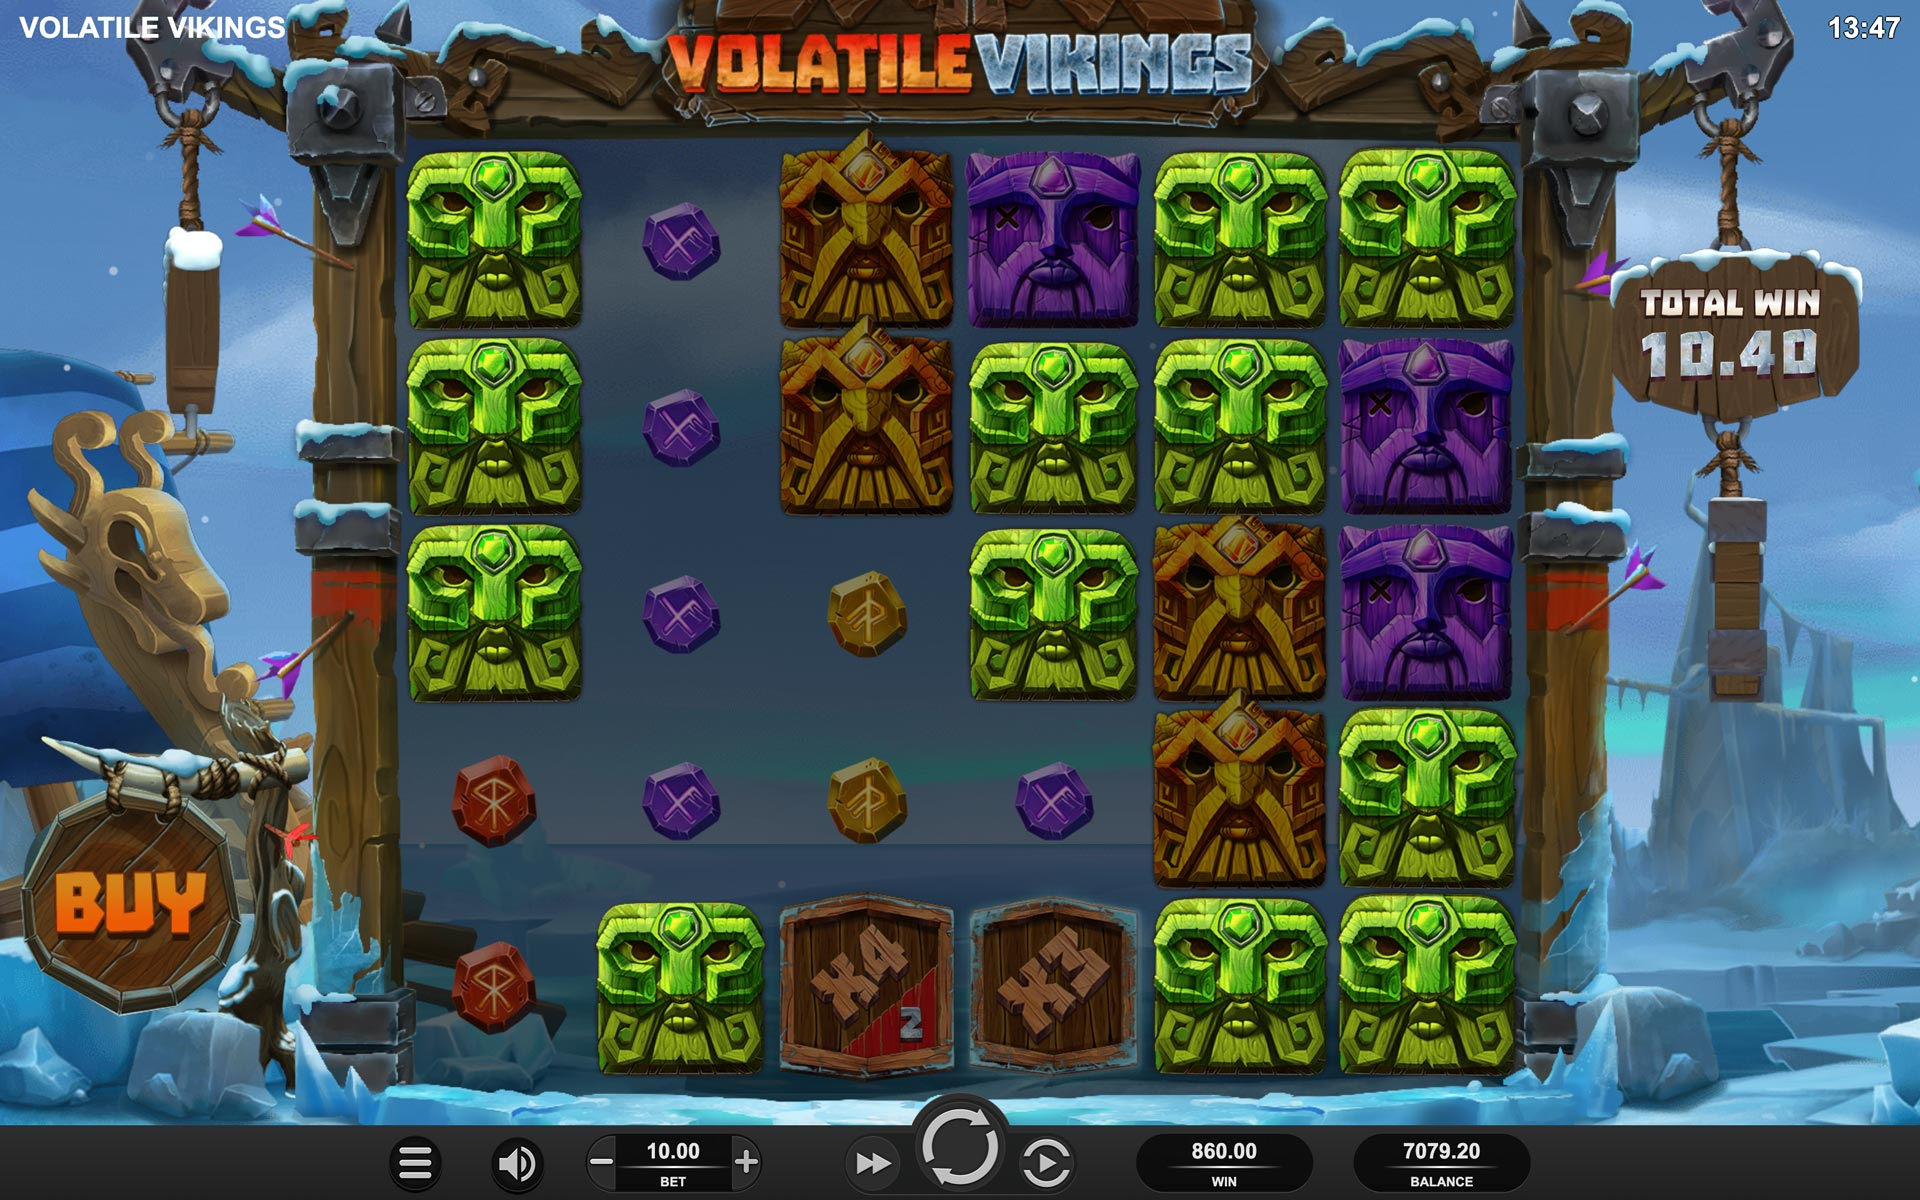 Volatile Vikings Screenshot